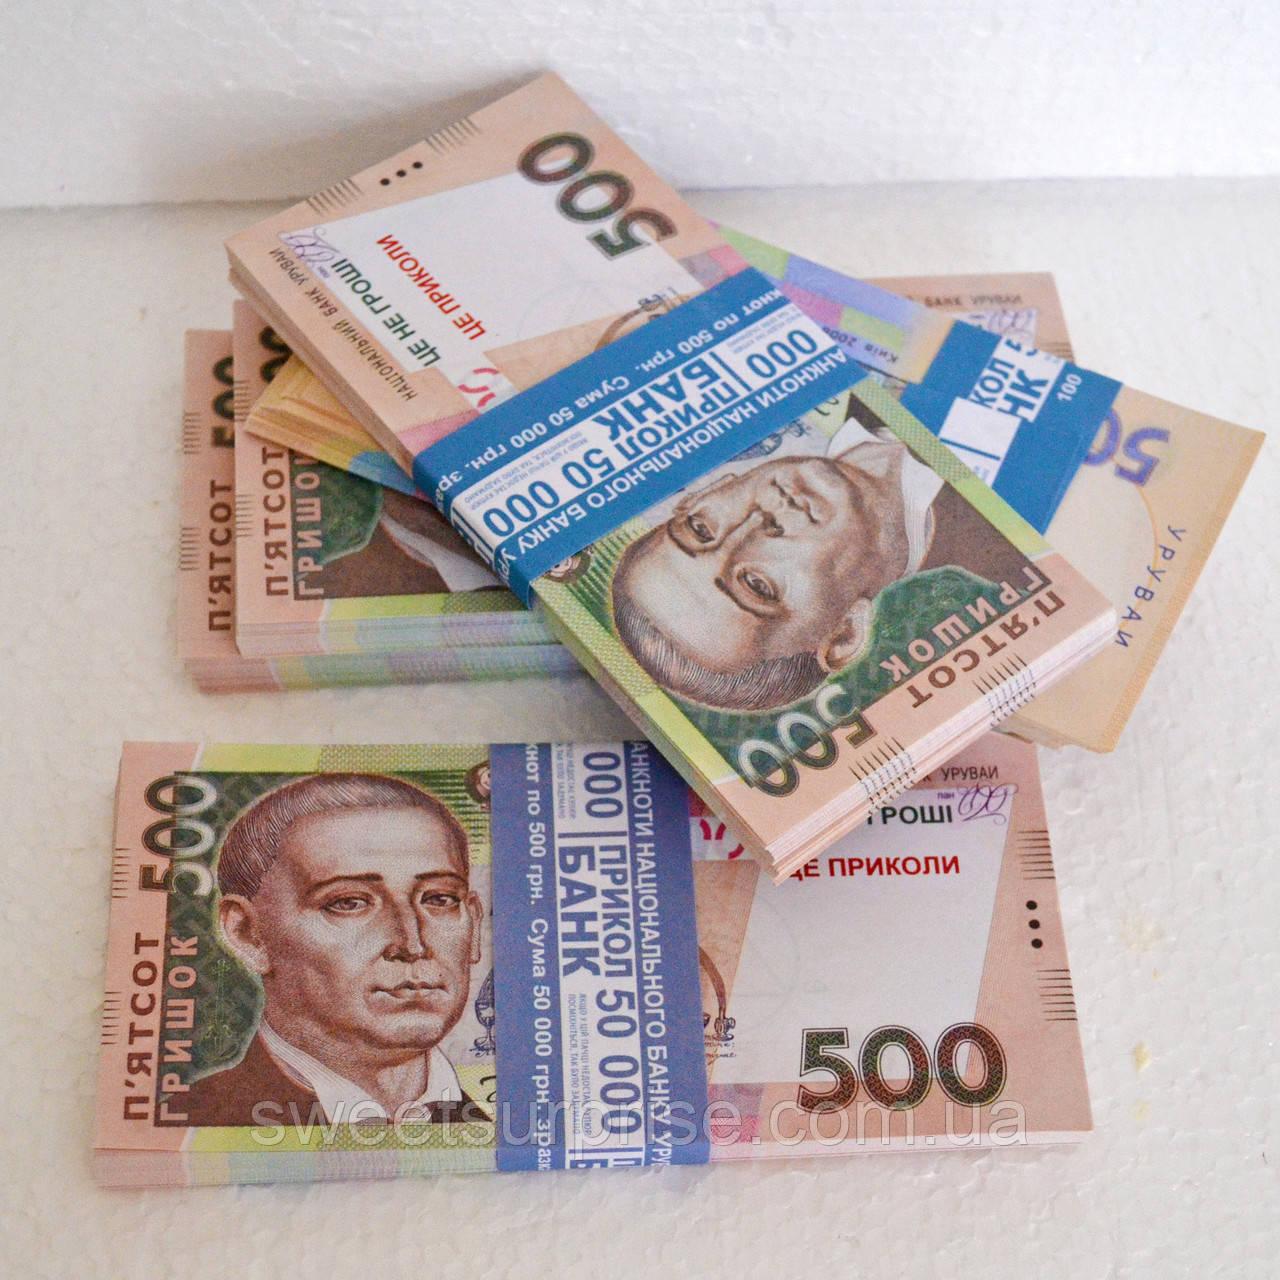 Деньги сувенирные 500 гривен